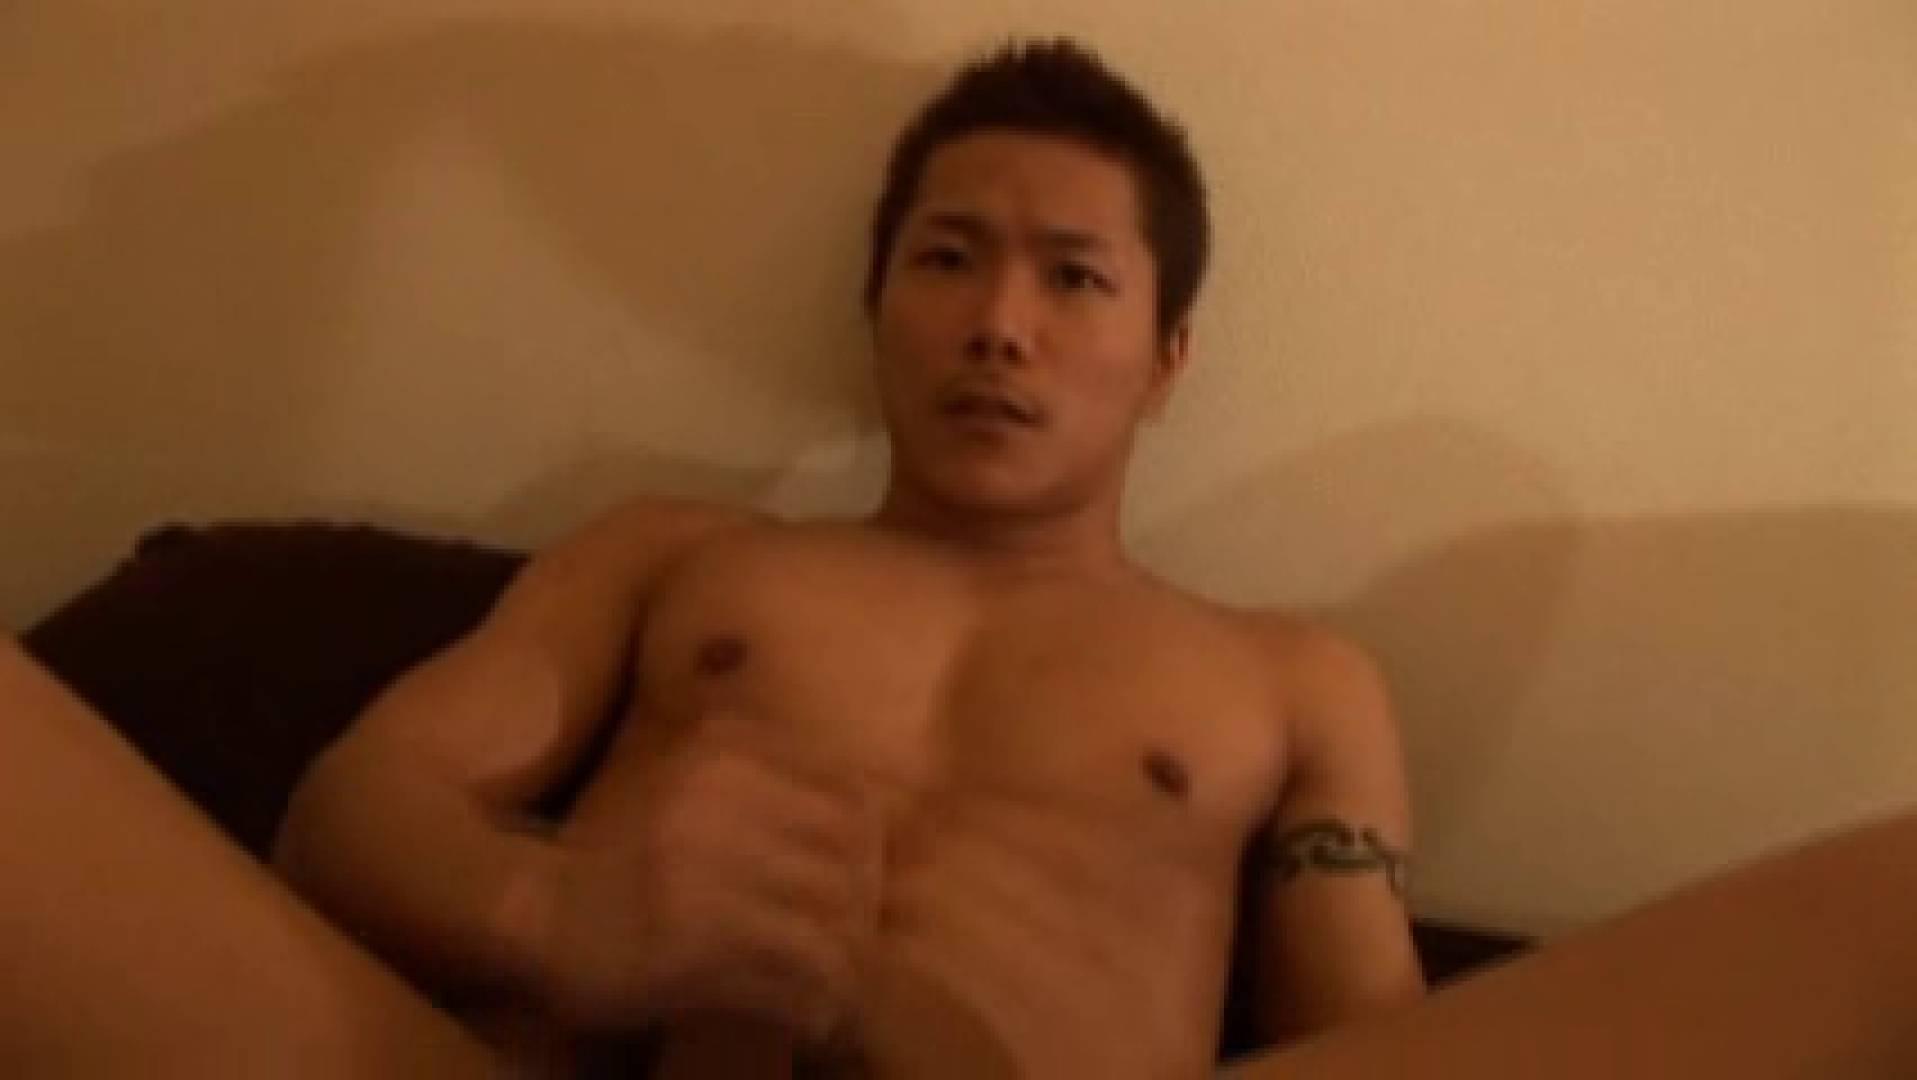 イケメン!!炸裂 Muscle  Stick!! その3 仰天アナル ゲイアダルトビデオ画像 110pic 54